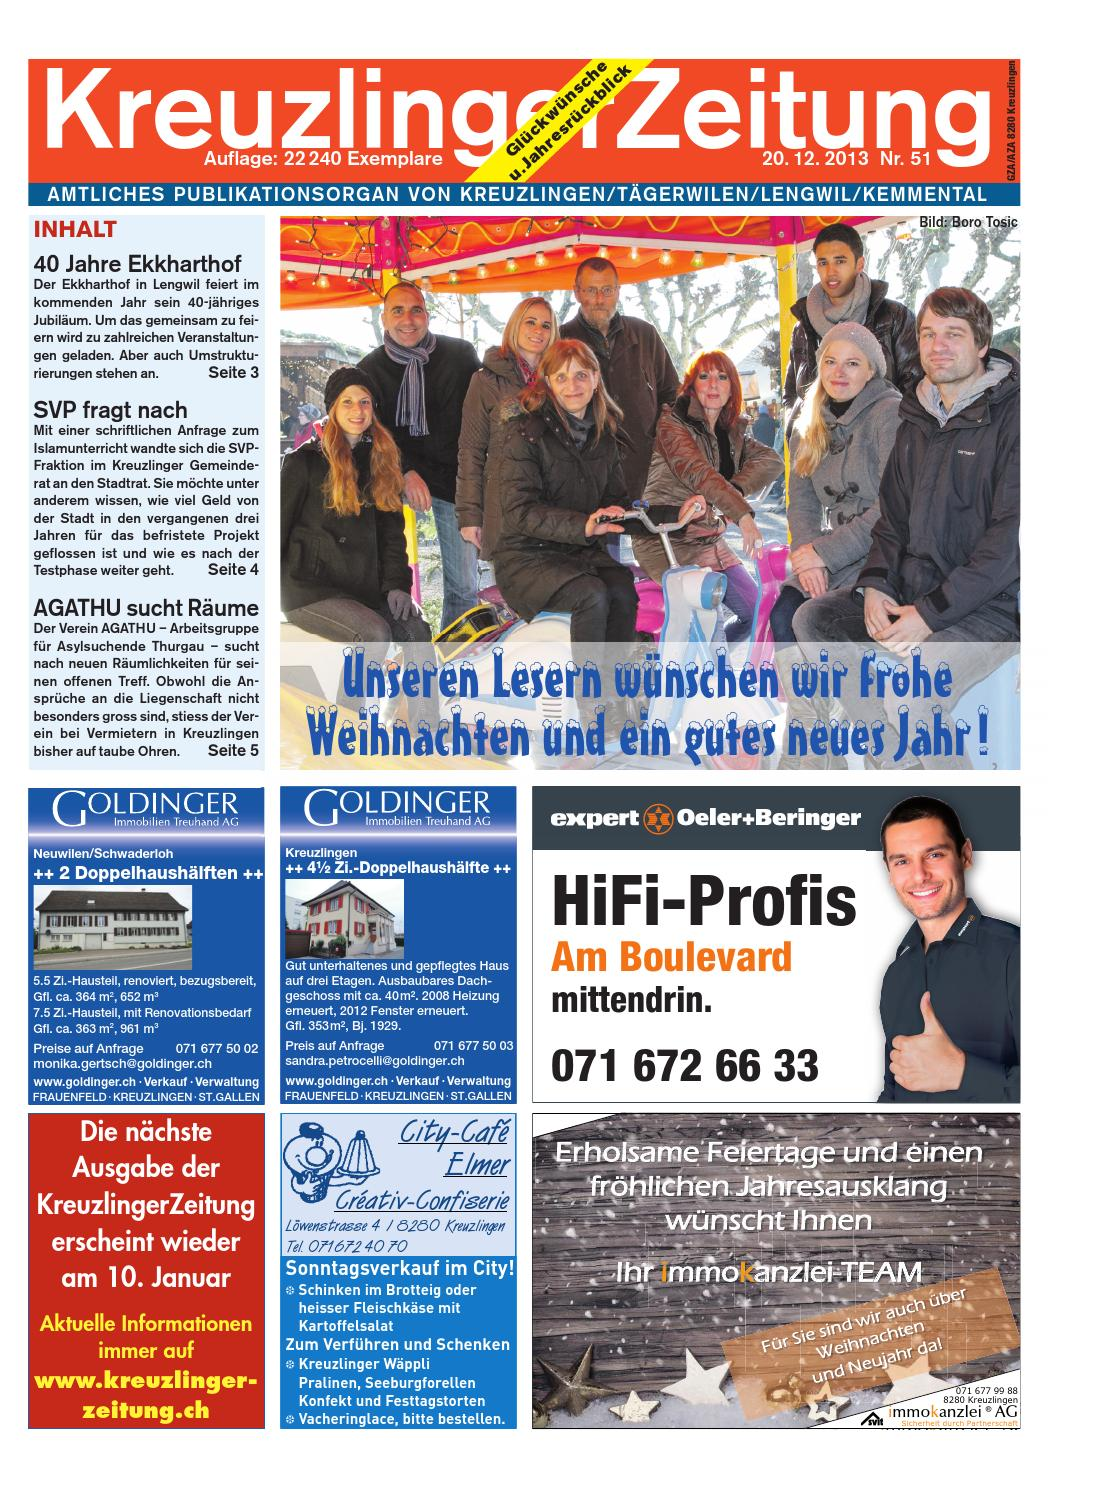 Rckblick 2013 - Naturschutzverein Ebnat-Kappel und Nesslau